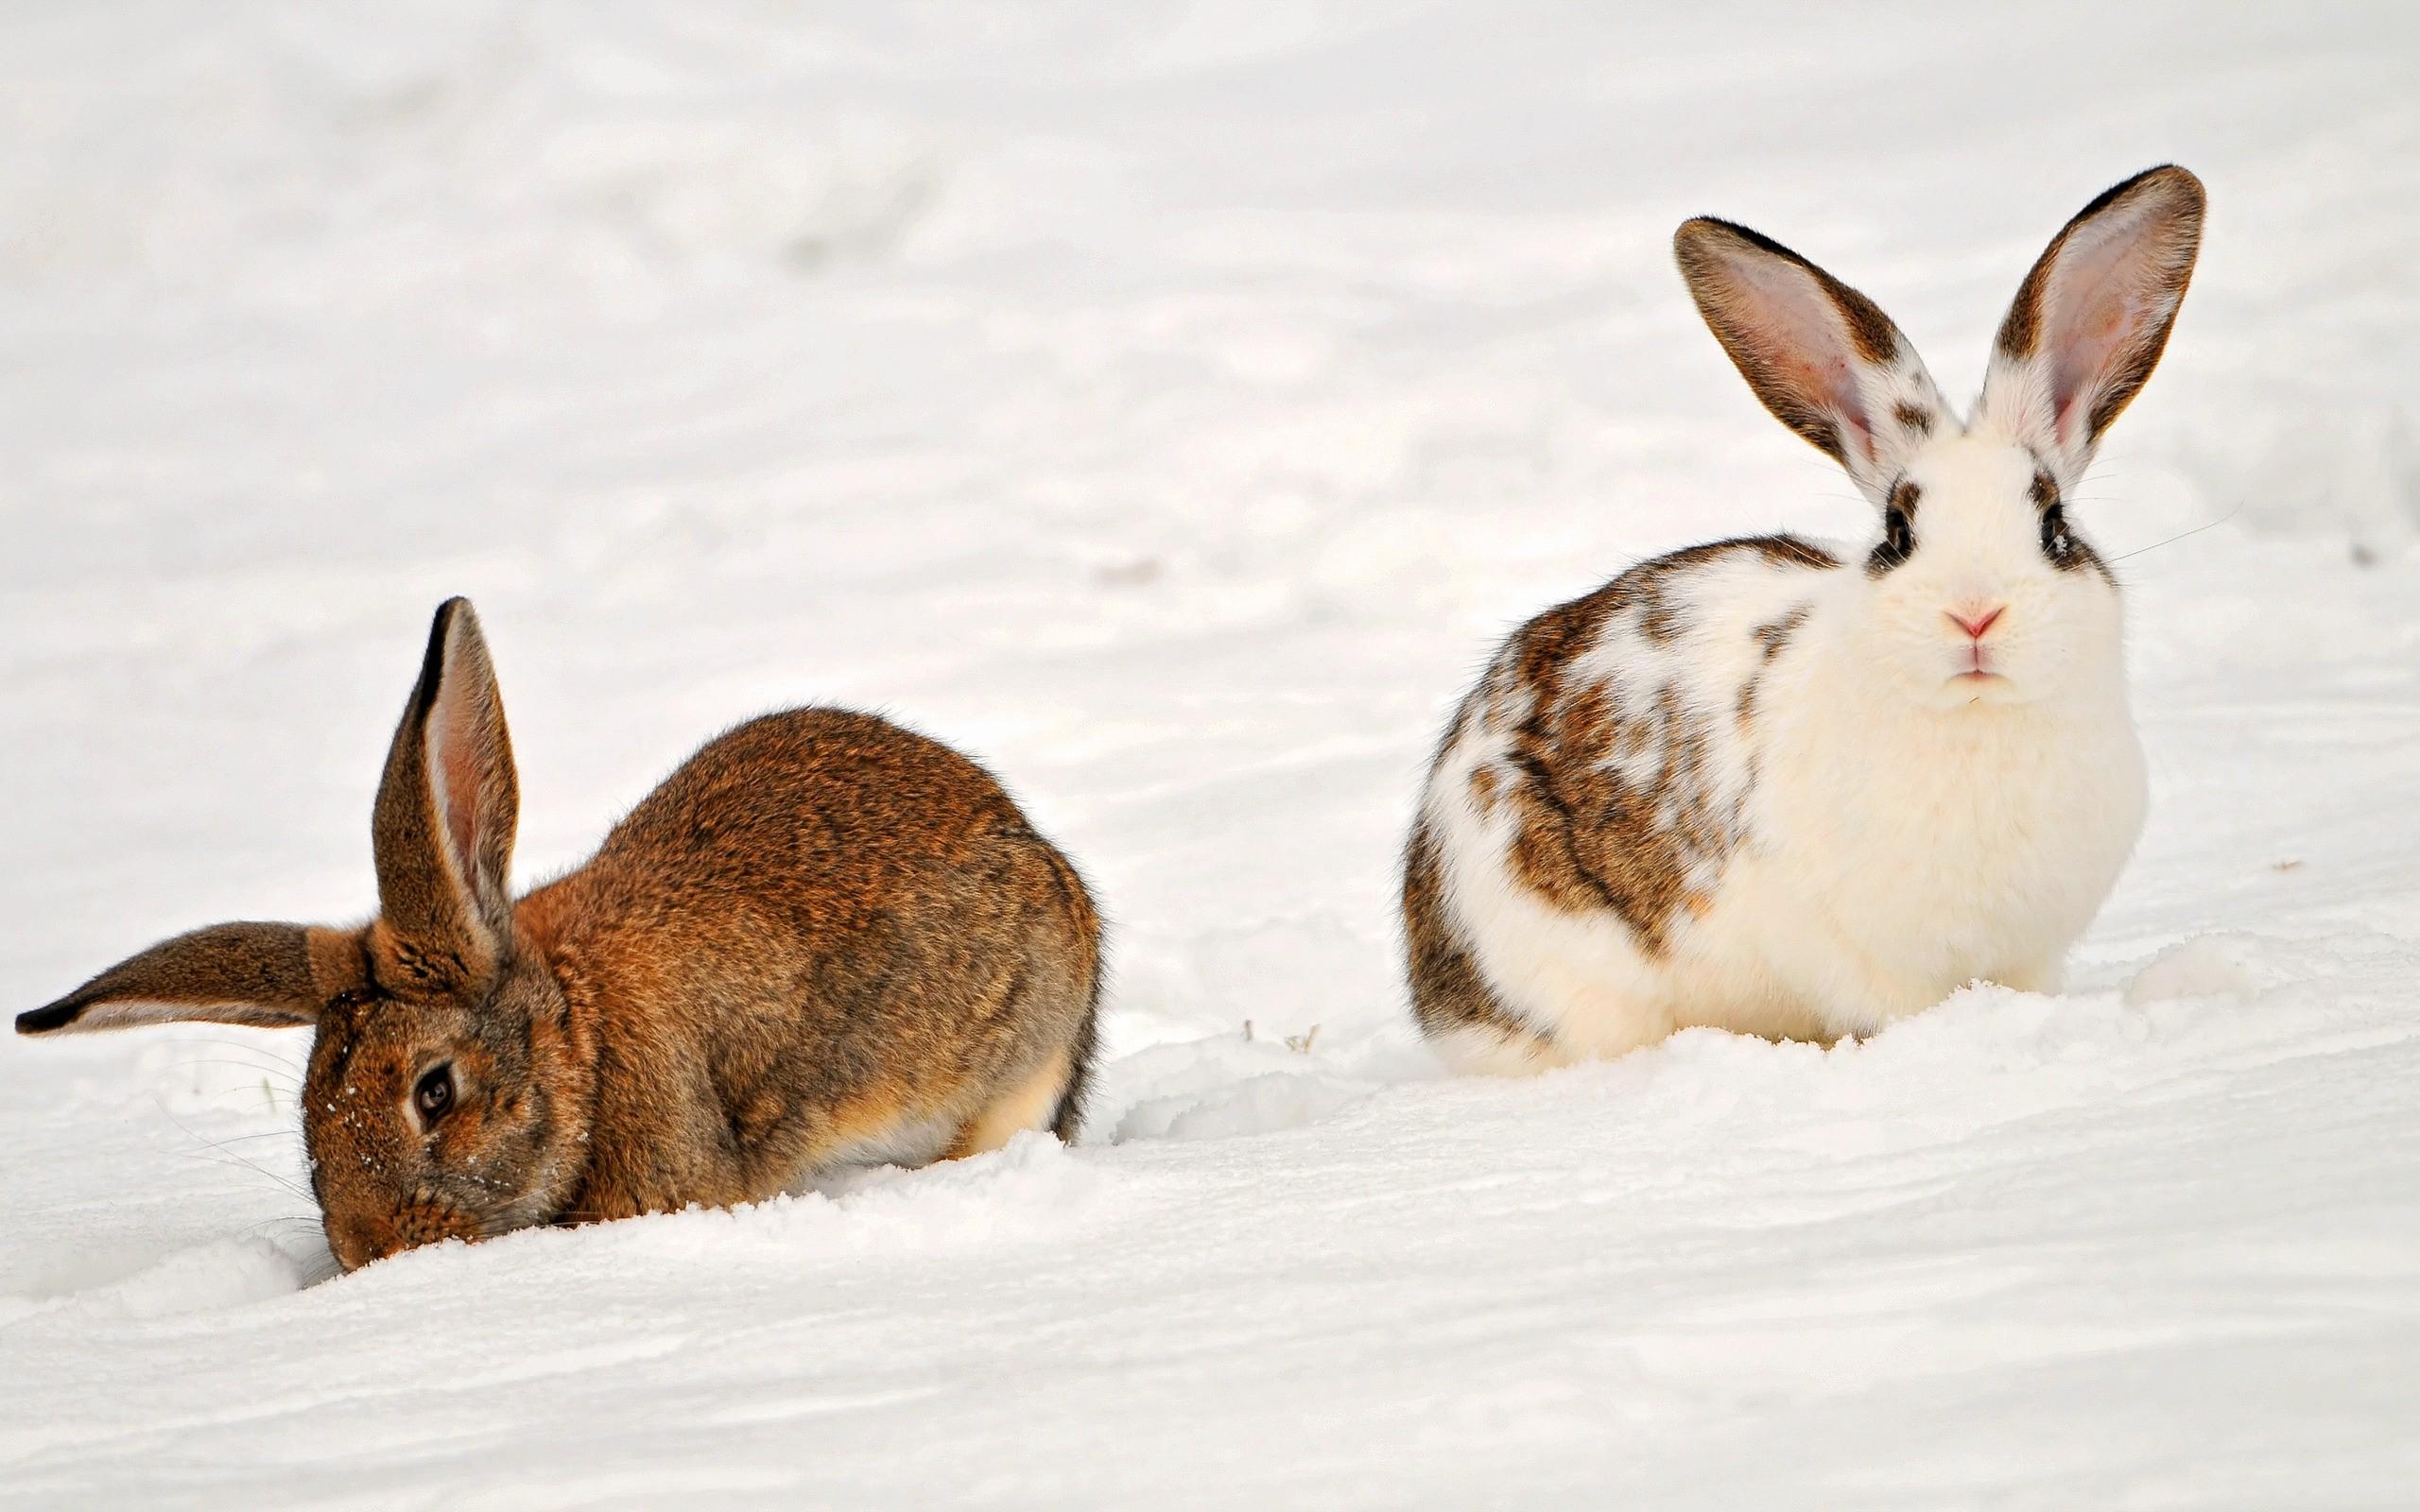 Conejos en la nieve - 2560x1600